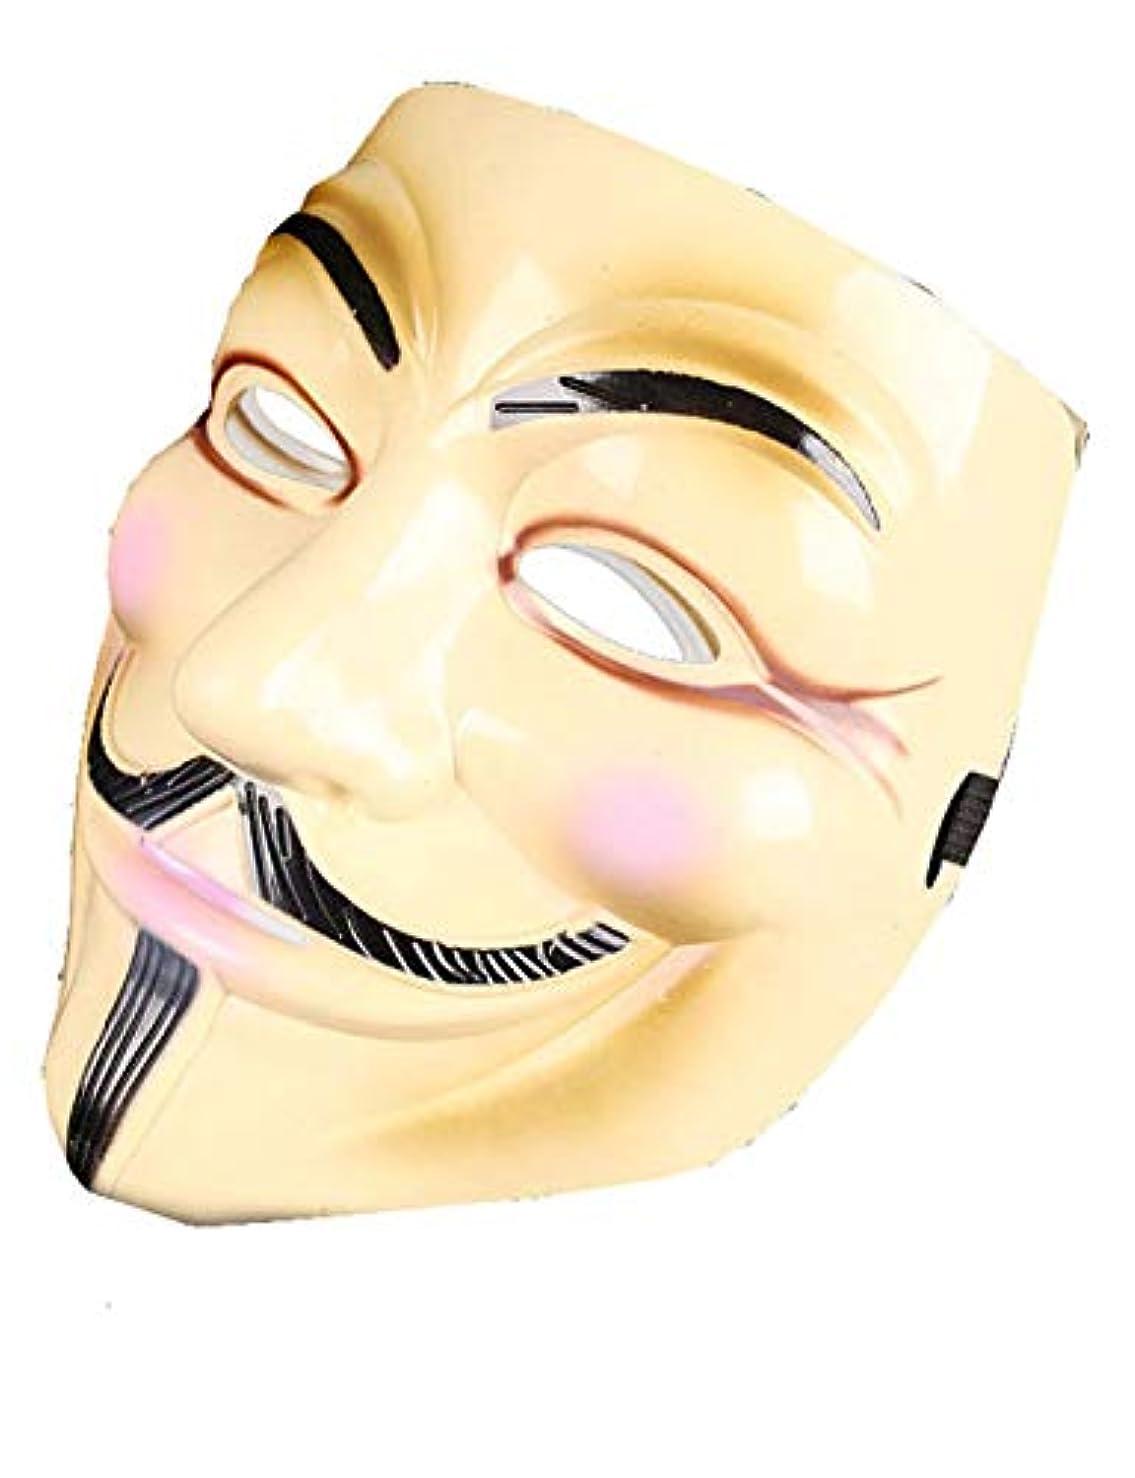 入場説明累計ハロウィーンマスクホラーコスチュームパーティーコスプレの小道具、VendettaのV (Color : BRASS)